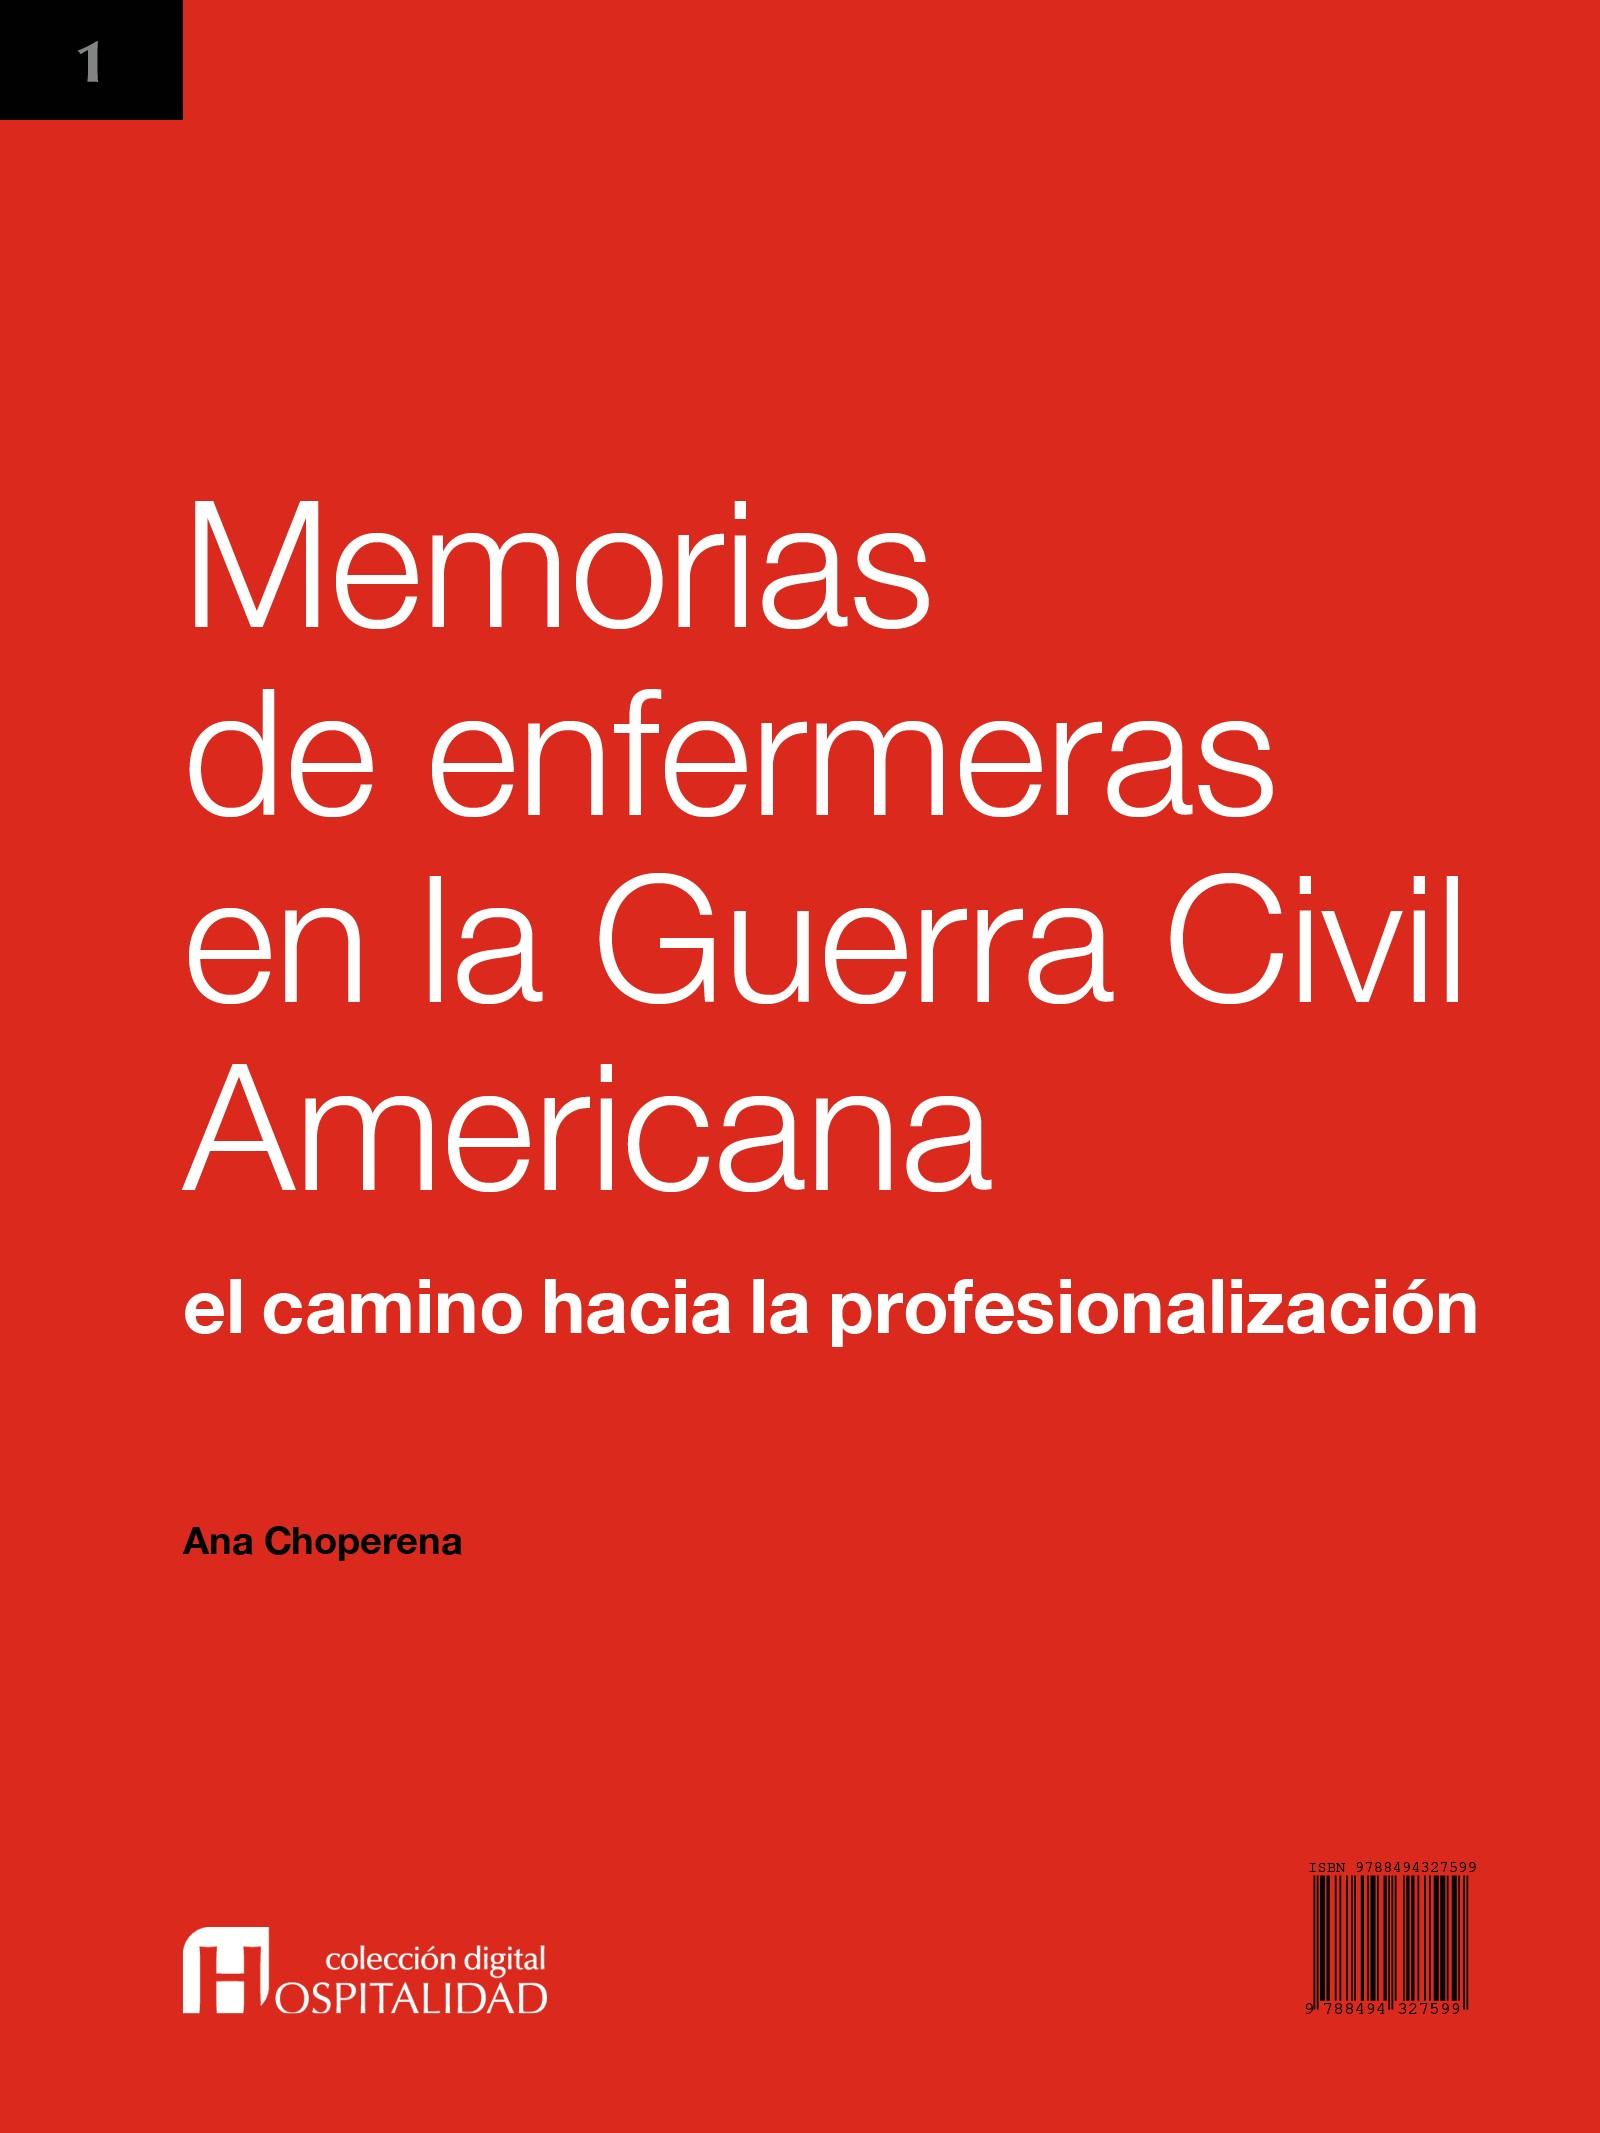 Memorias de enfermeras en la Guerra Civil Americana: el camino hacia ...